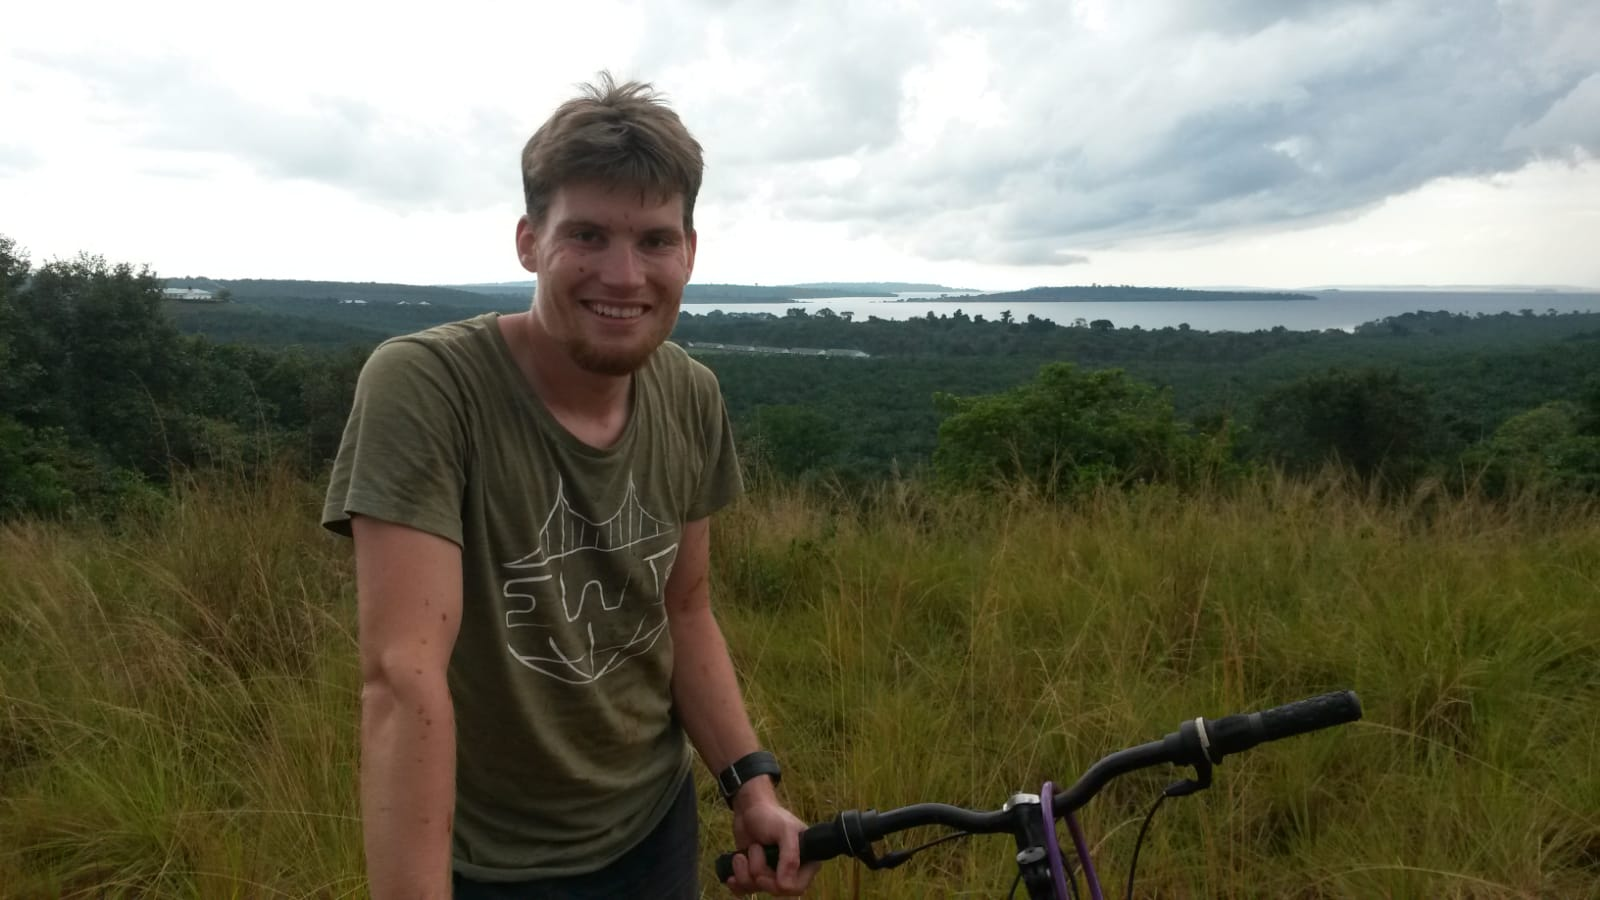 Mit dem Fahrrad kann man die Ssese Islands sehr gut erkunden